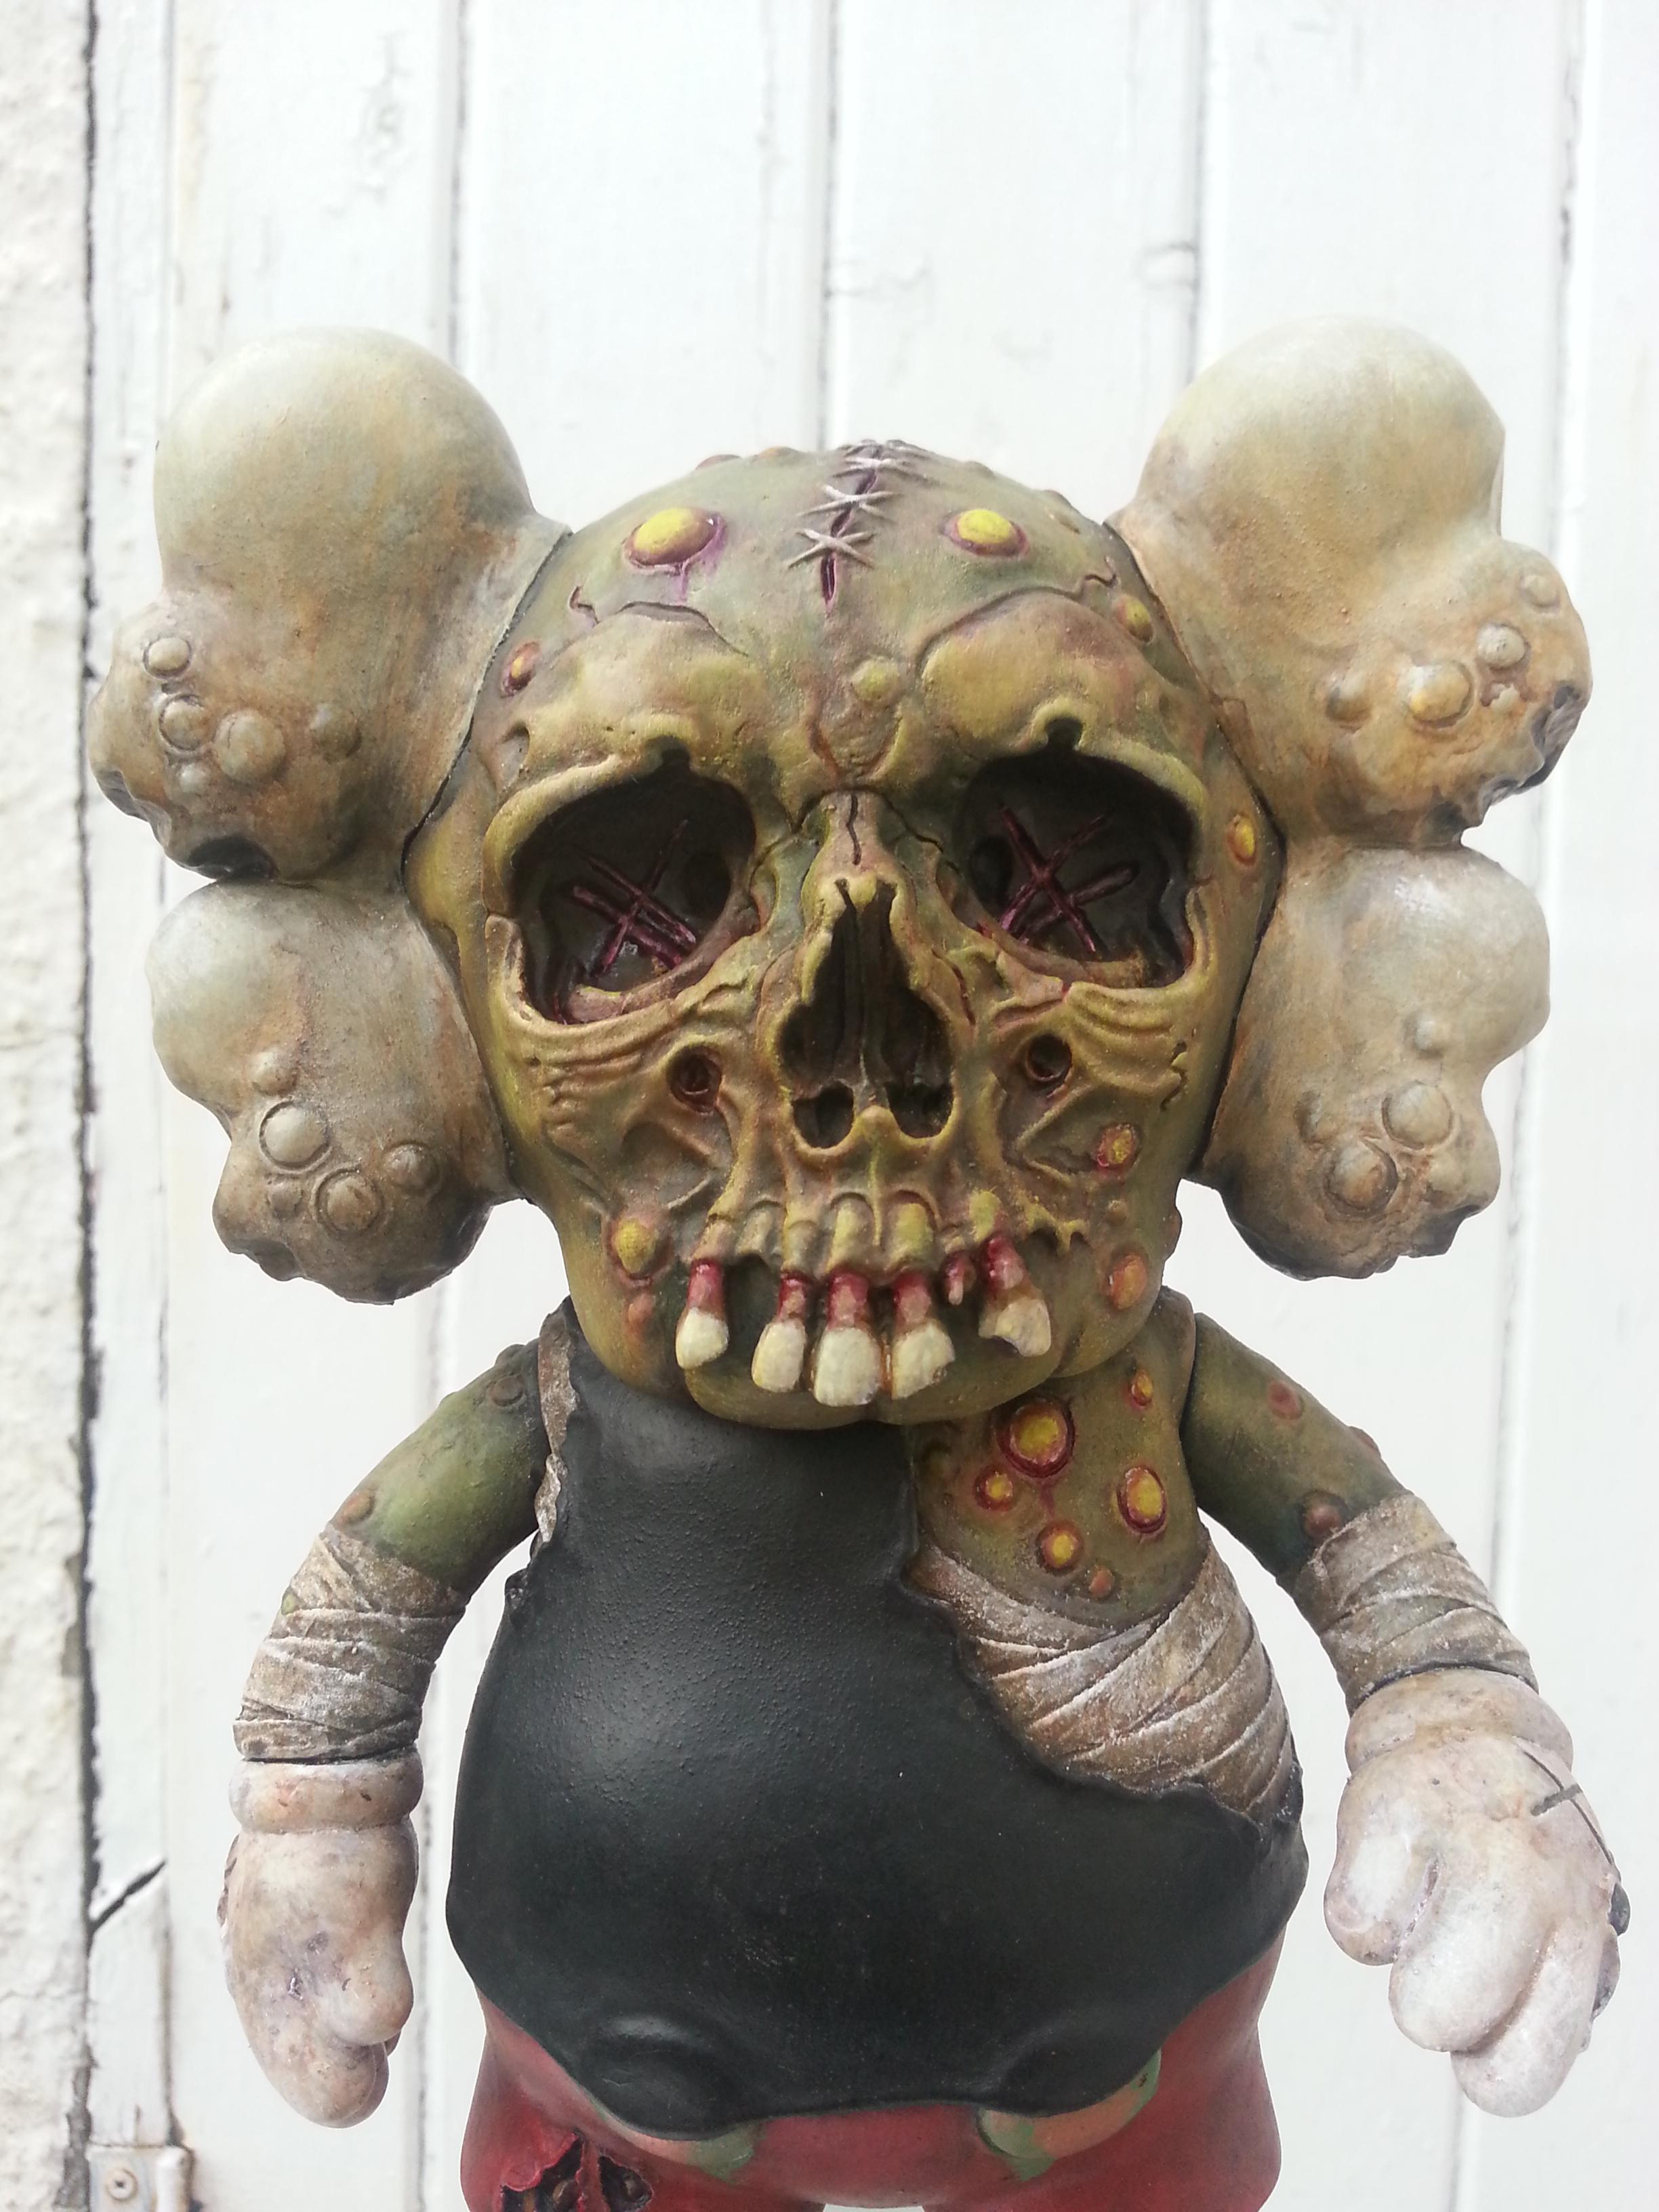 Kaws x Pushead Companion Bootleg by Chaingun! | The Toy ...